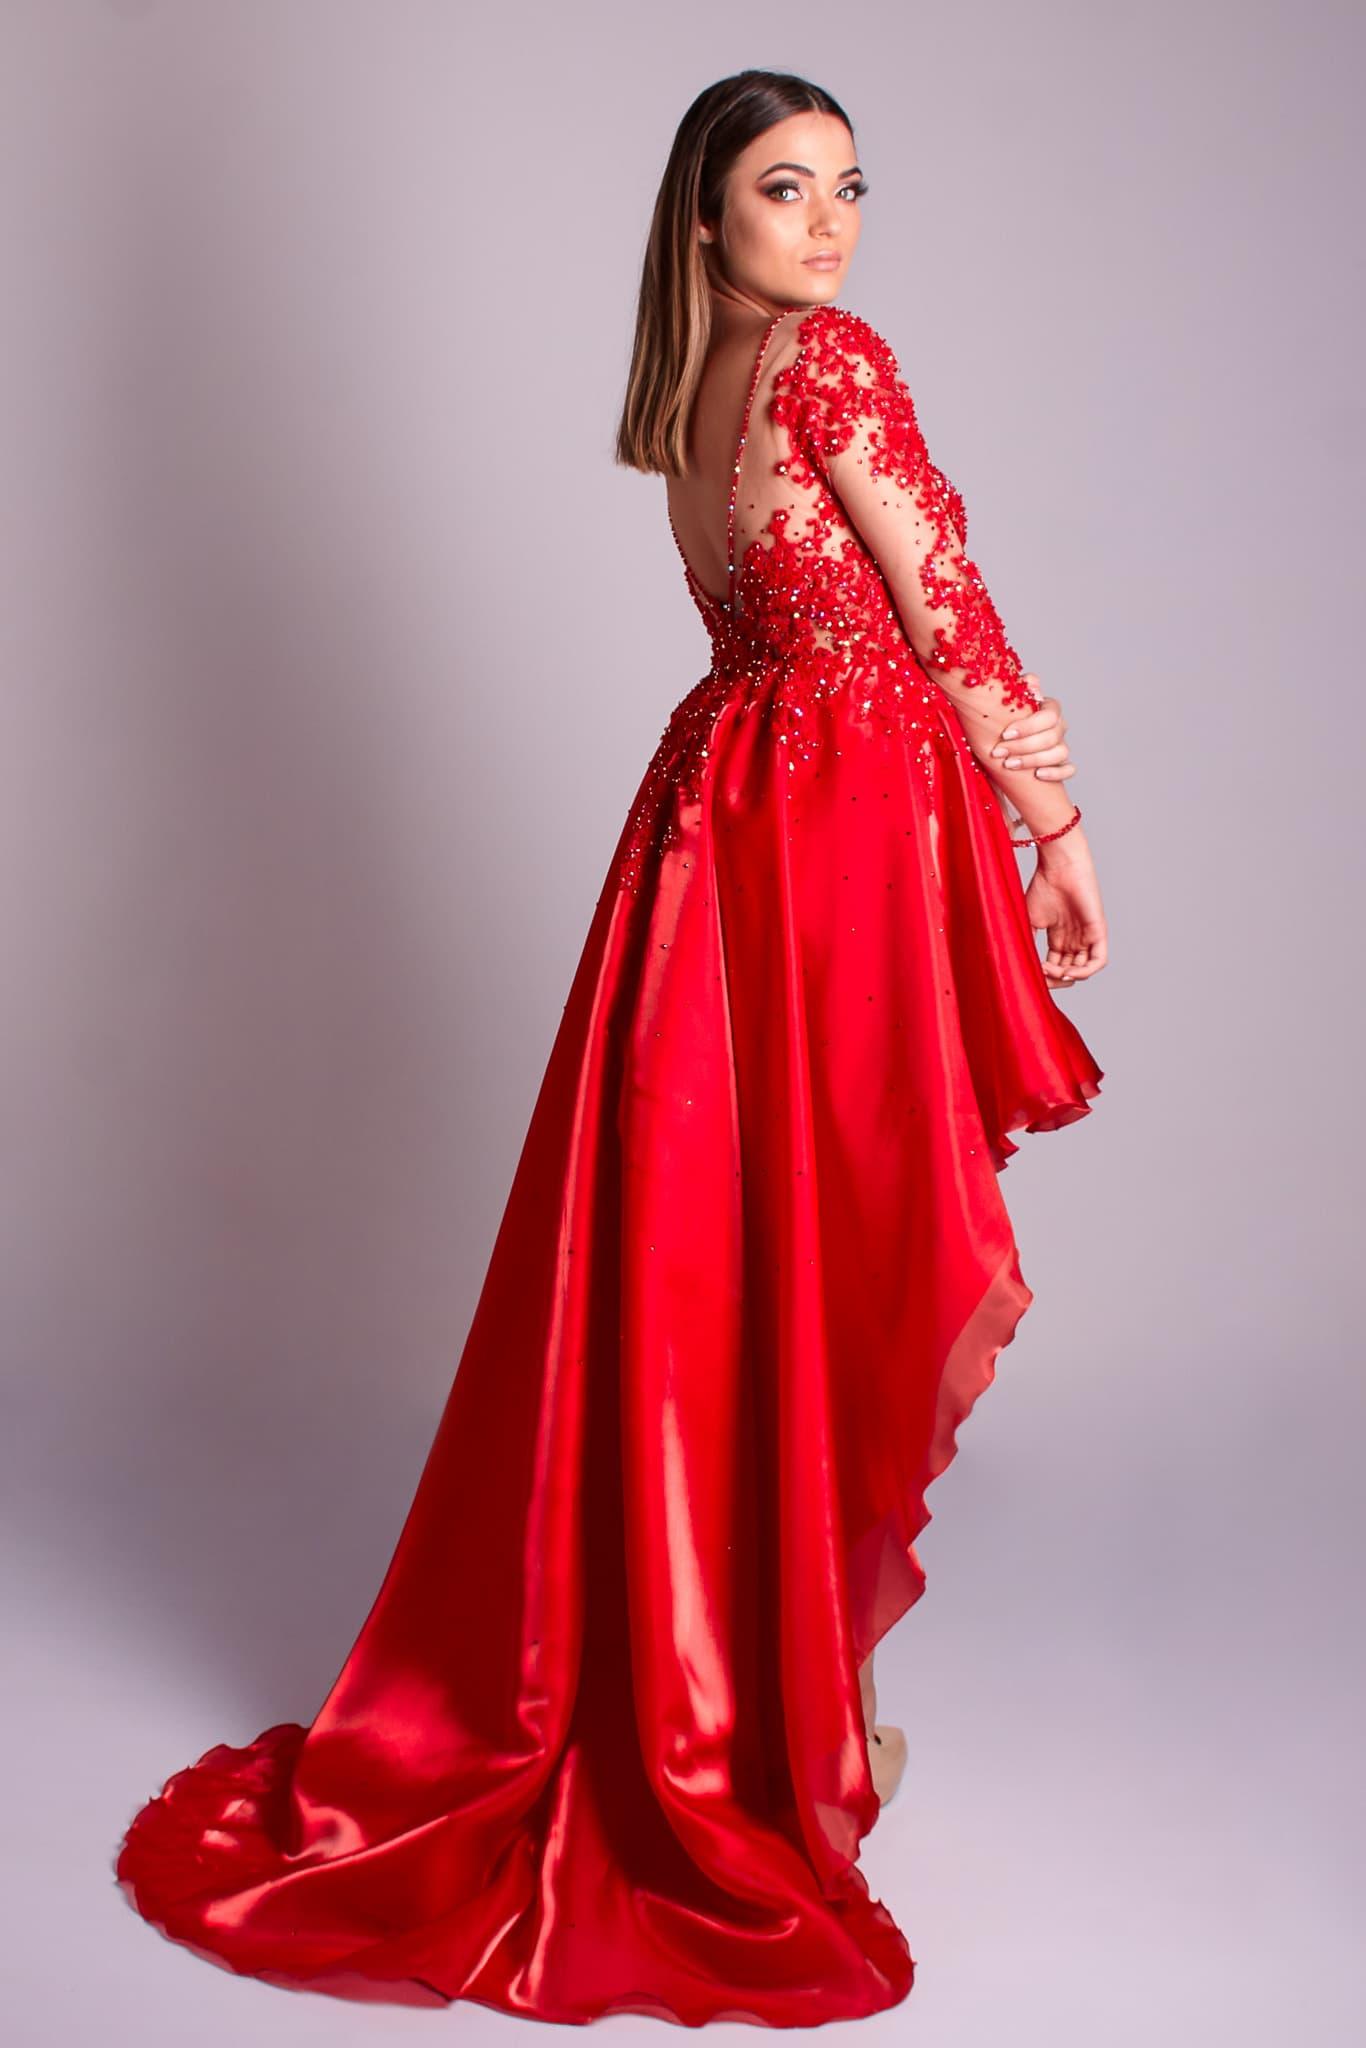 88 - Vestido vermelho de renda com cristais, manga longa e saia mullet